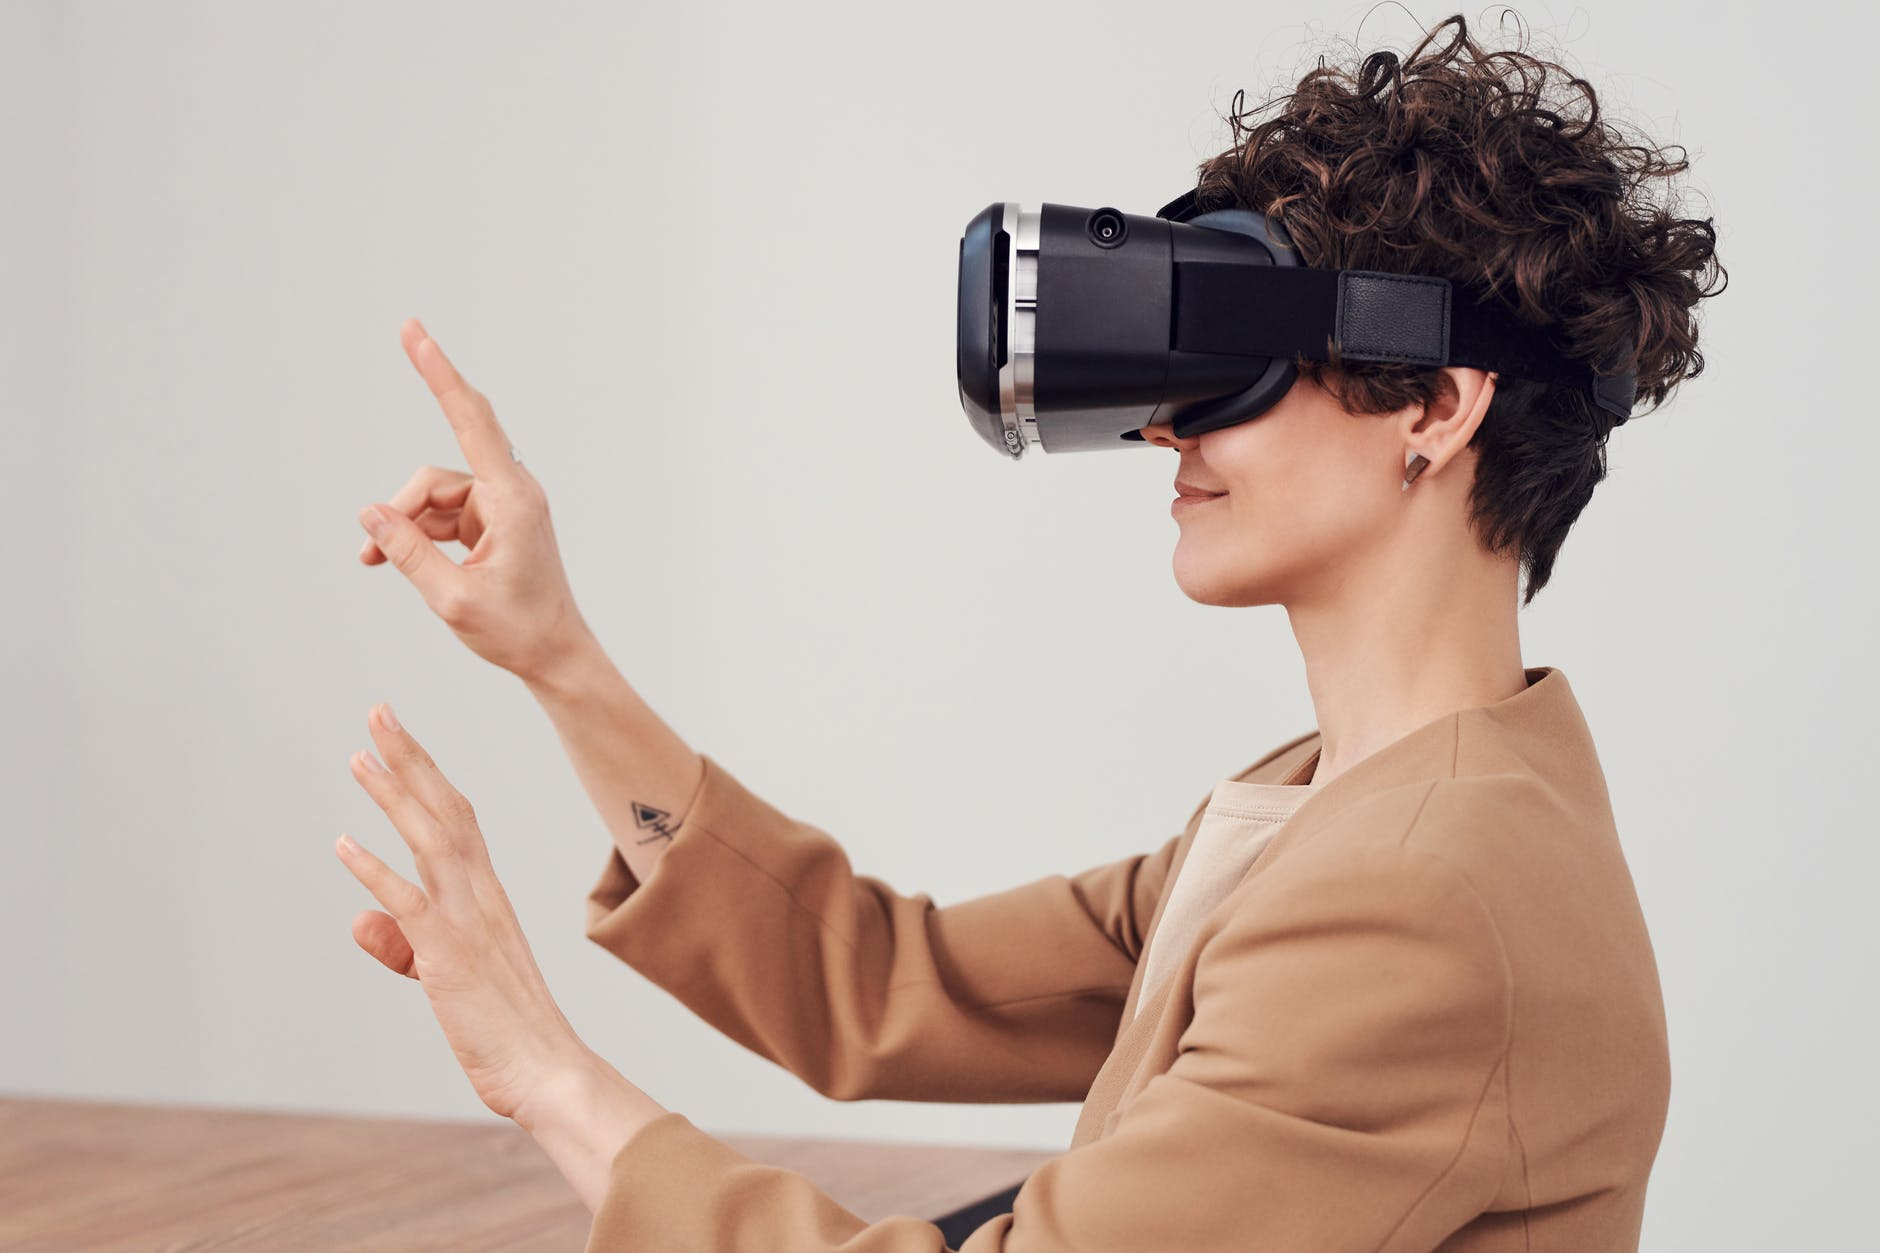 Comercio electrónico: Accenture apuesta por la inmersión